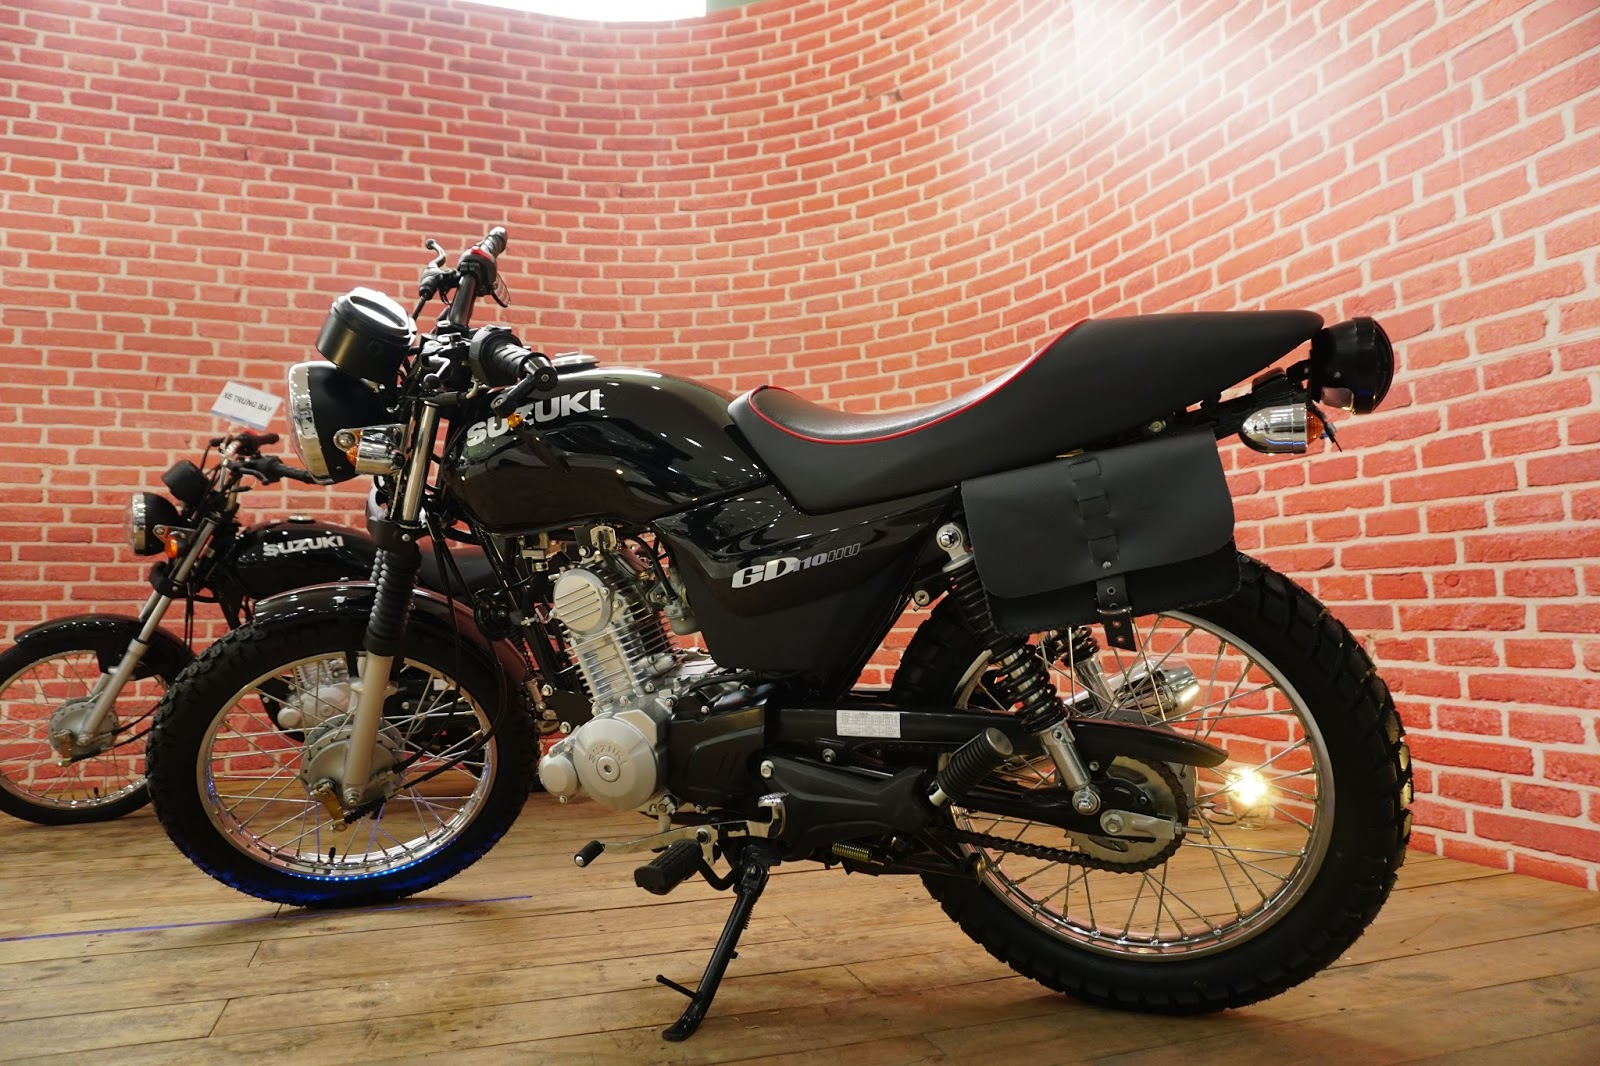 Suzuki GD110 là lựa chọn hợp túi tiền với người Việt